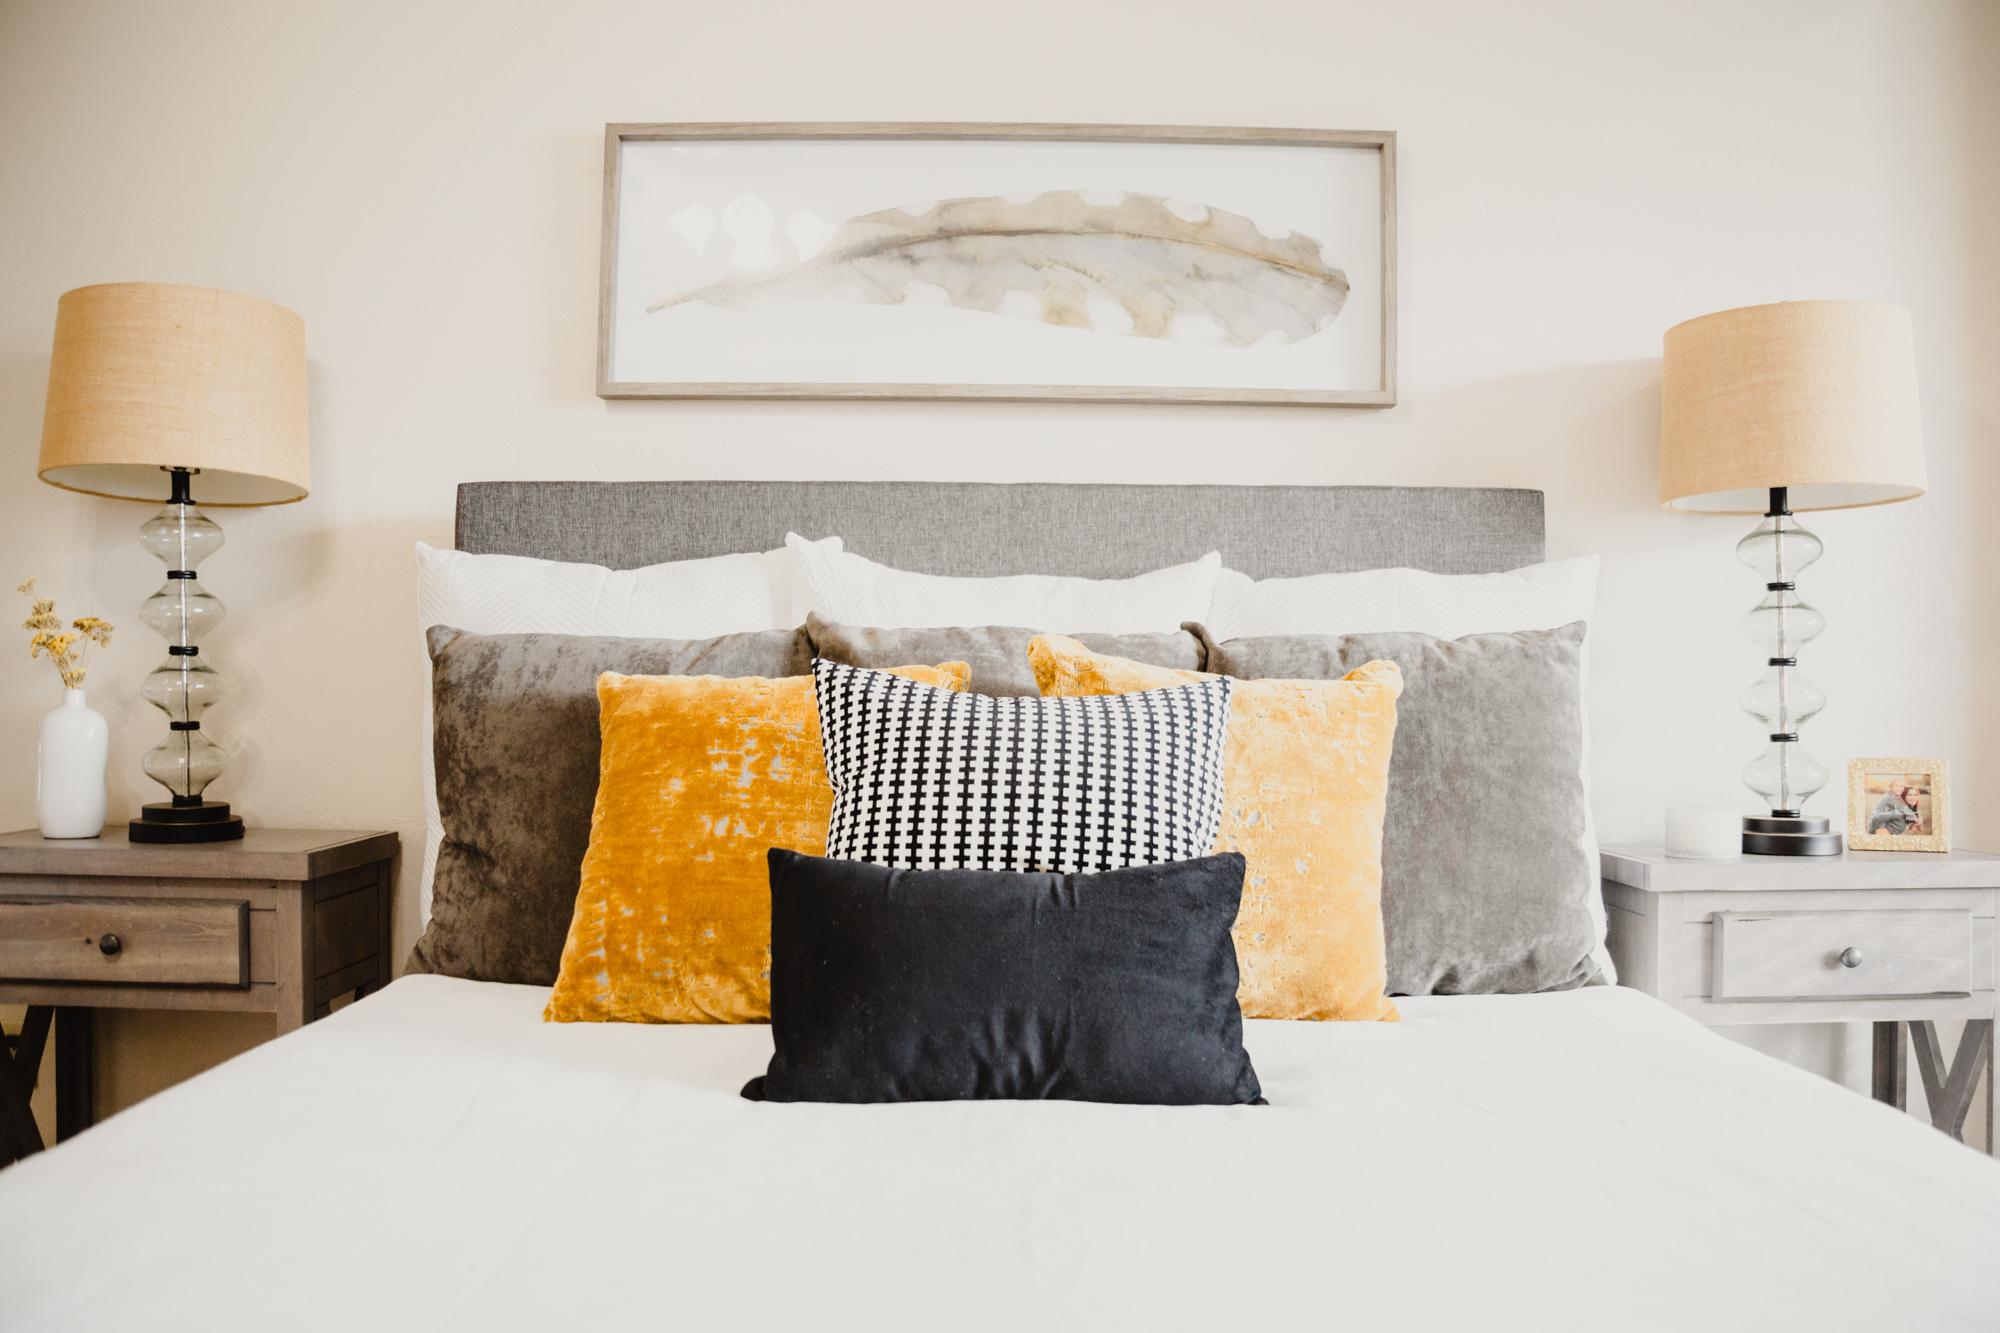 Choisir le meilleur oreiller pour bien dormir